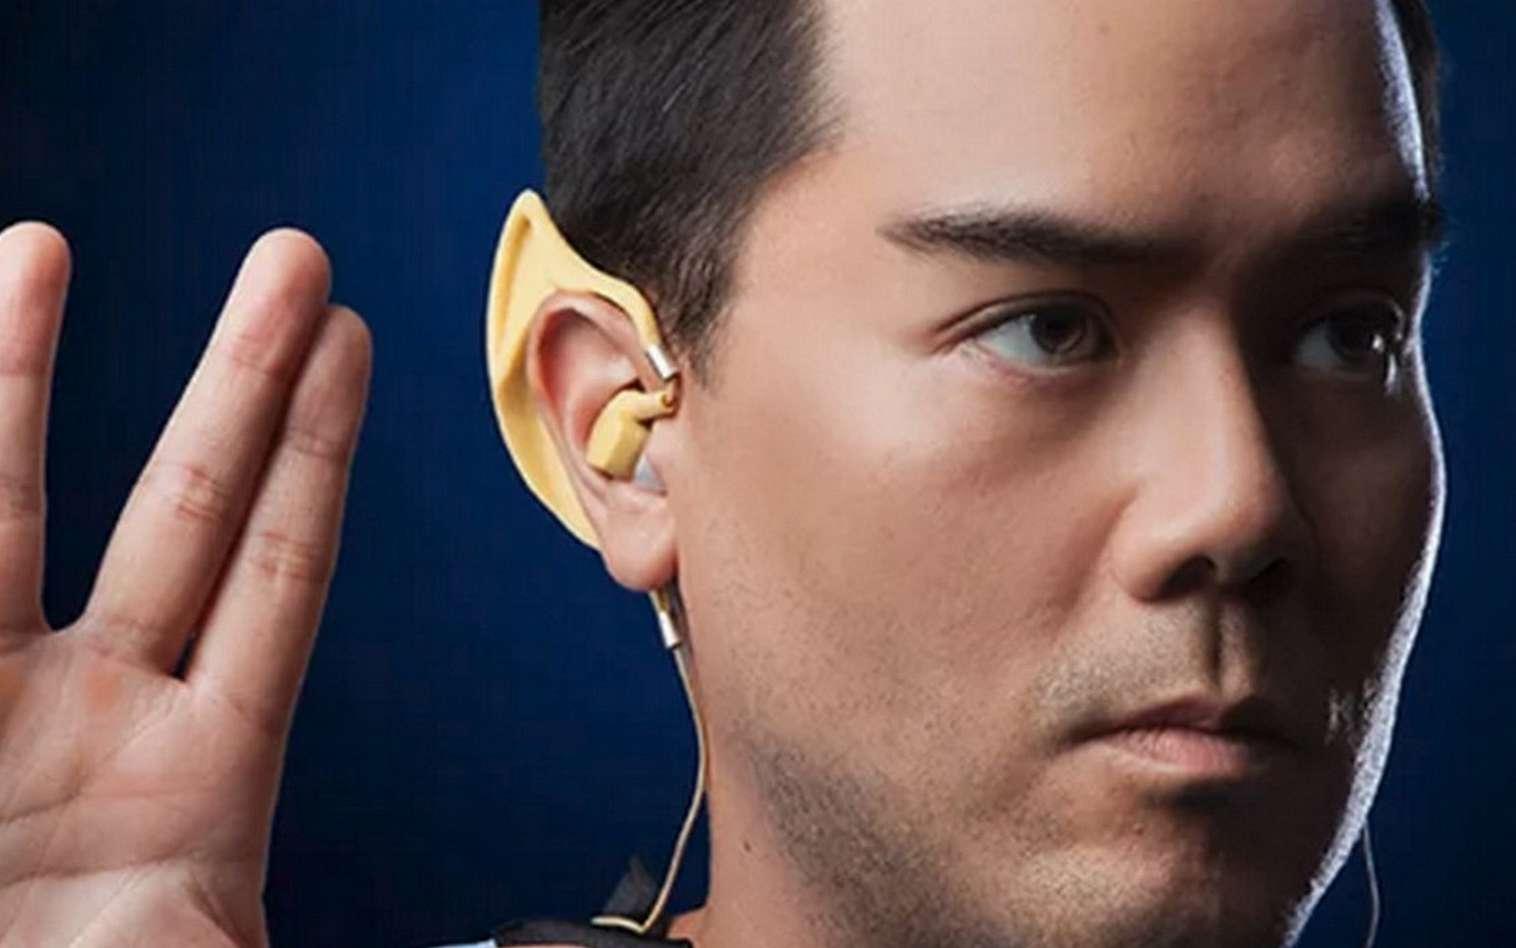 Les oreillettes sans fil Vulcan inspirées des oreilles de monsieur Spock, l'inoubliable membre de la saga Star Trek. © ThinkGeek